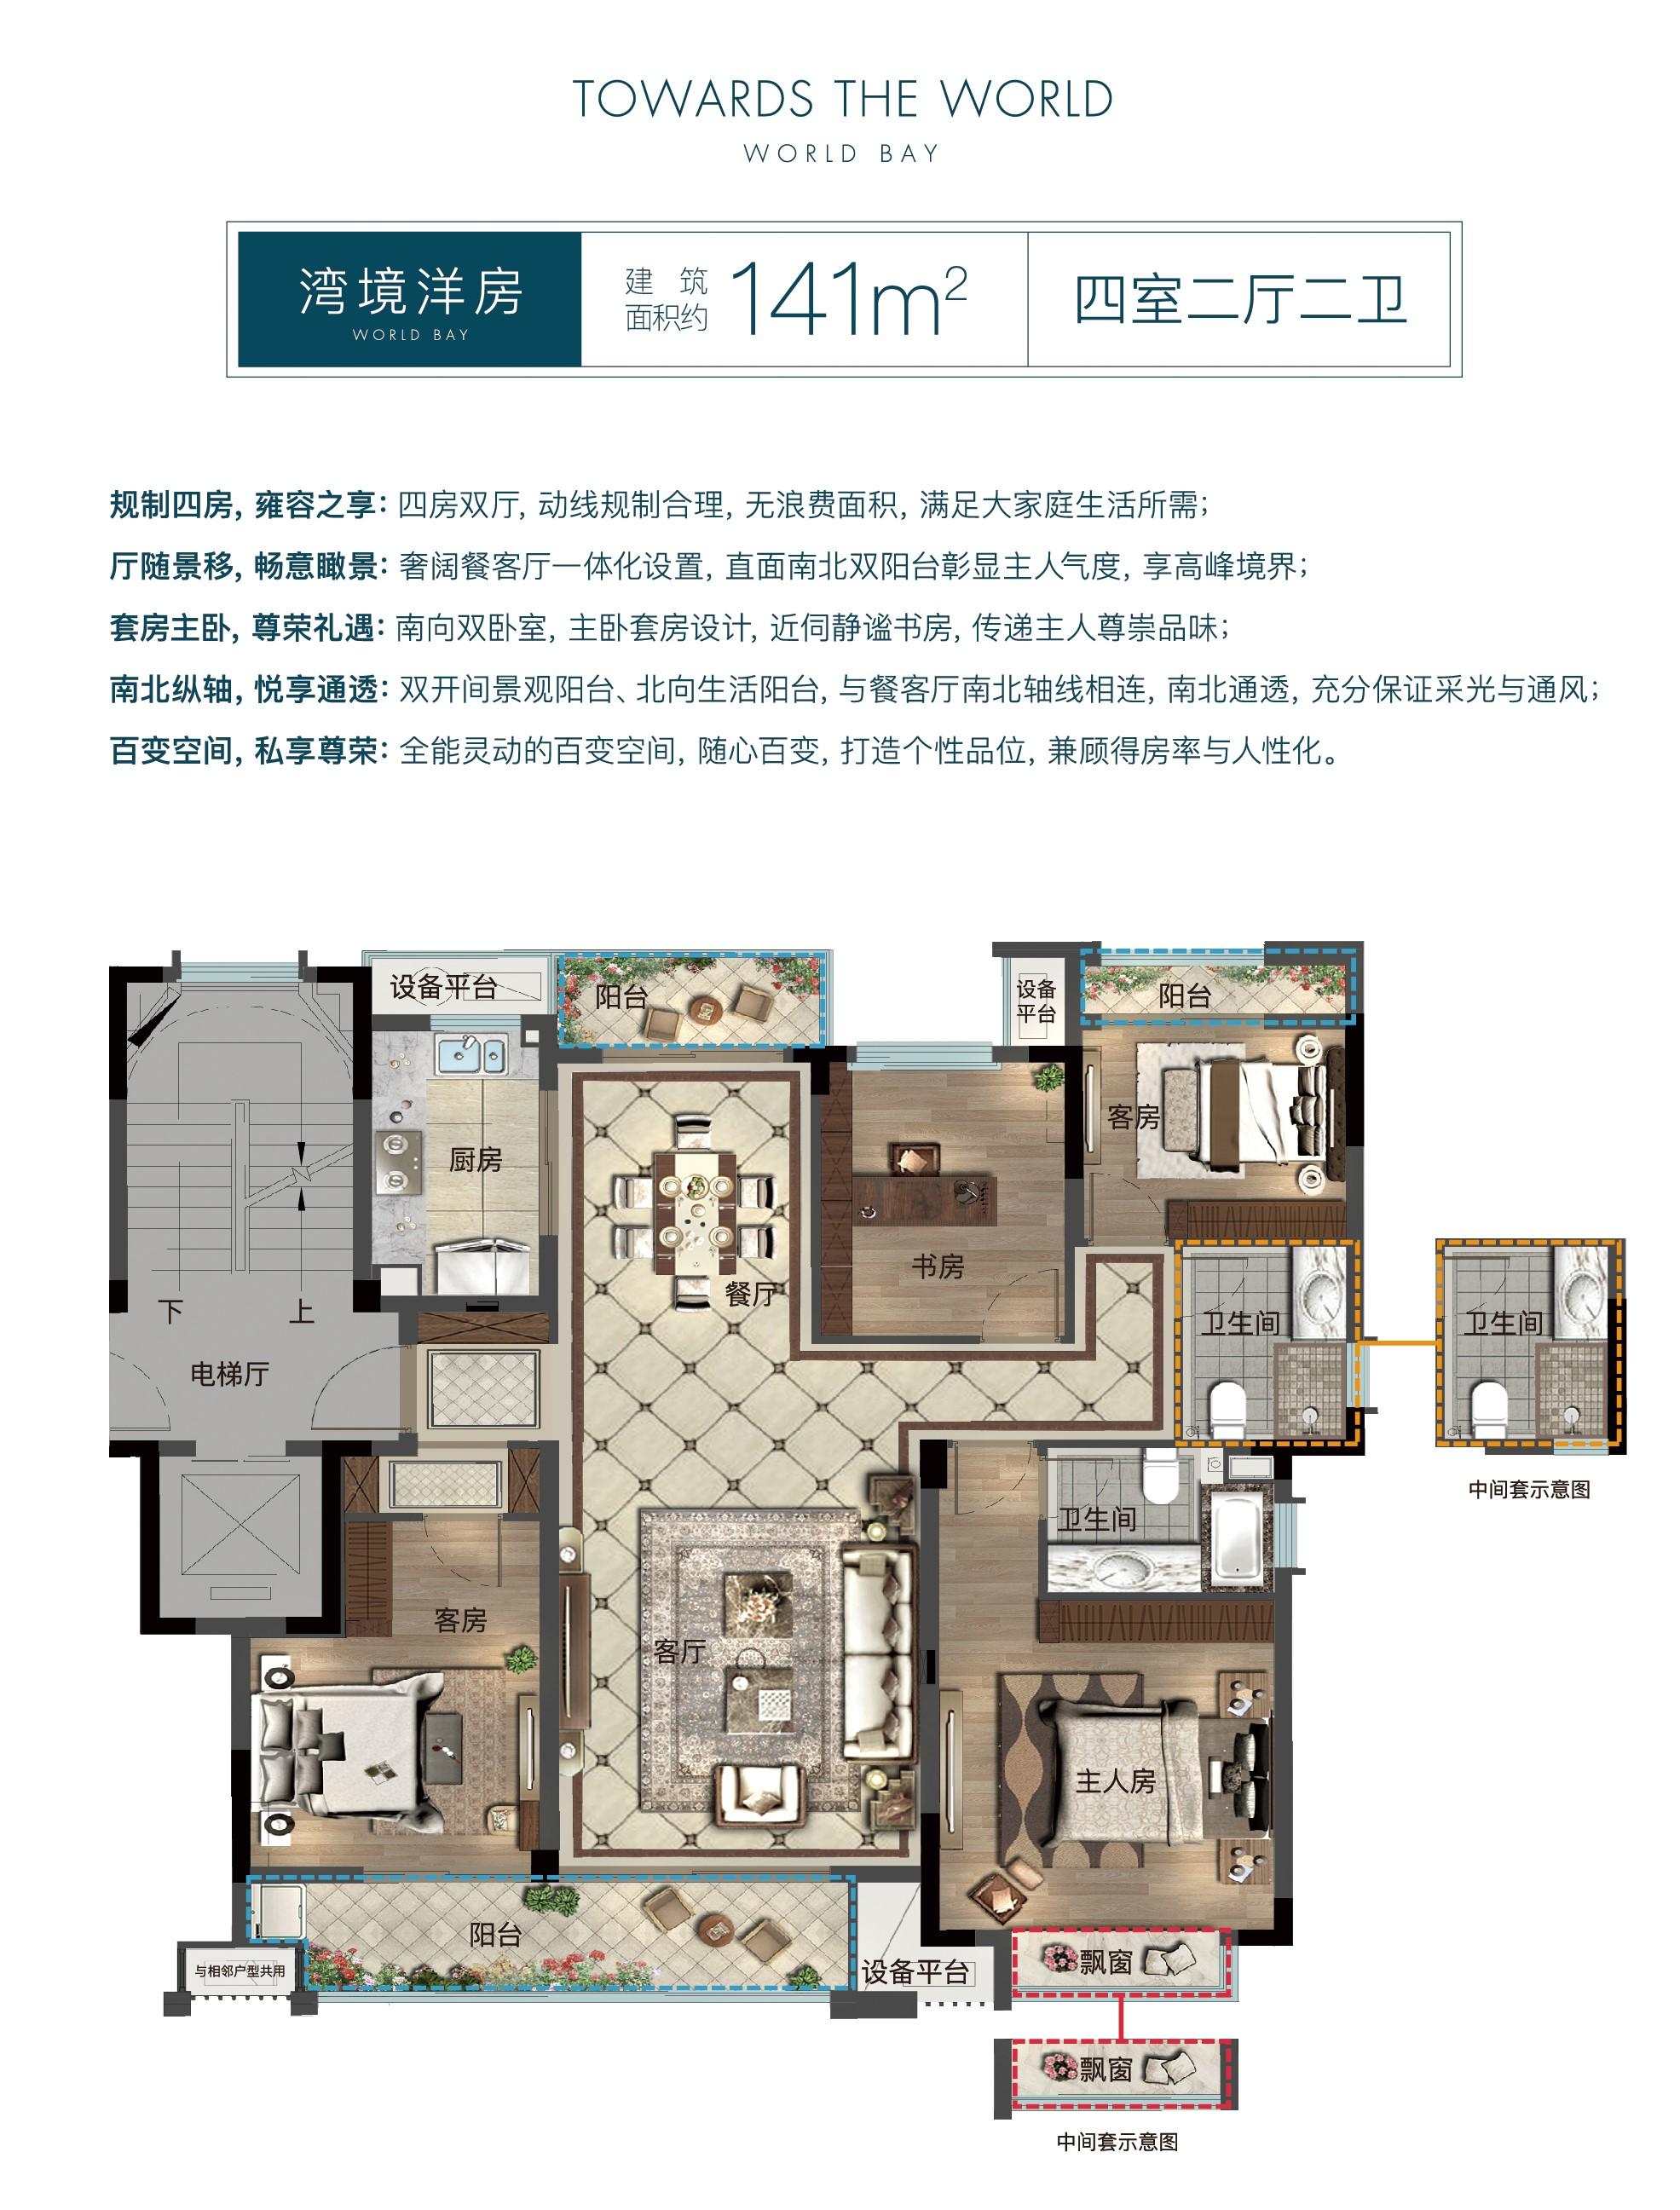 义乌世界江湾  141平  四室 洋房  楼王品质